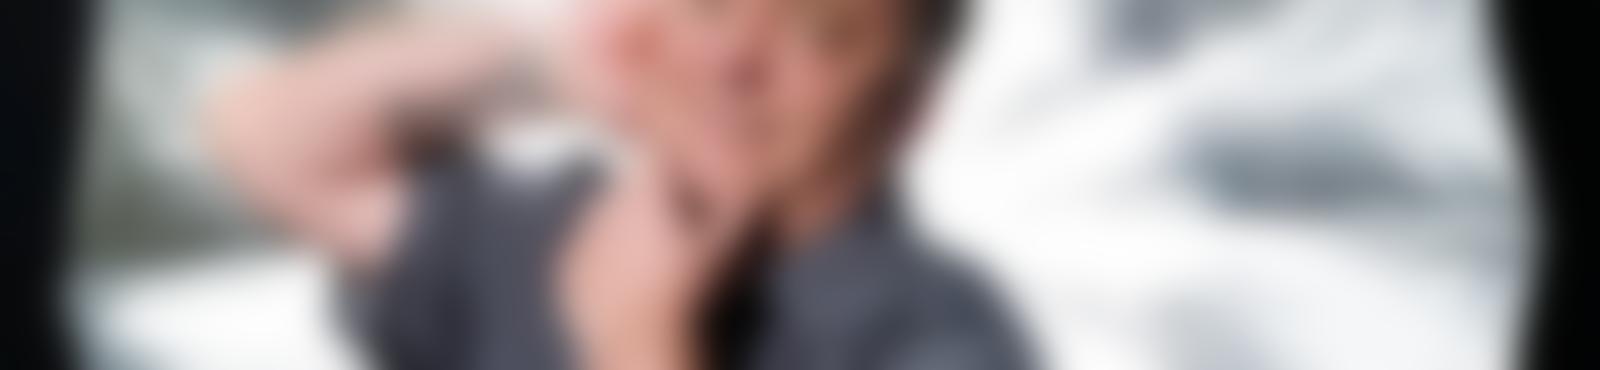 Blurred 5b59dbb5 cc24 4a14 b731 57620dc88588